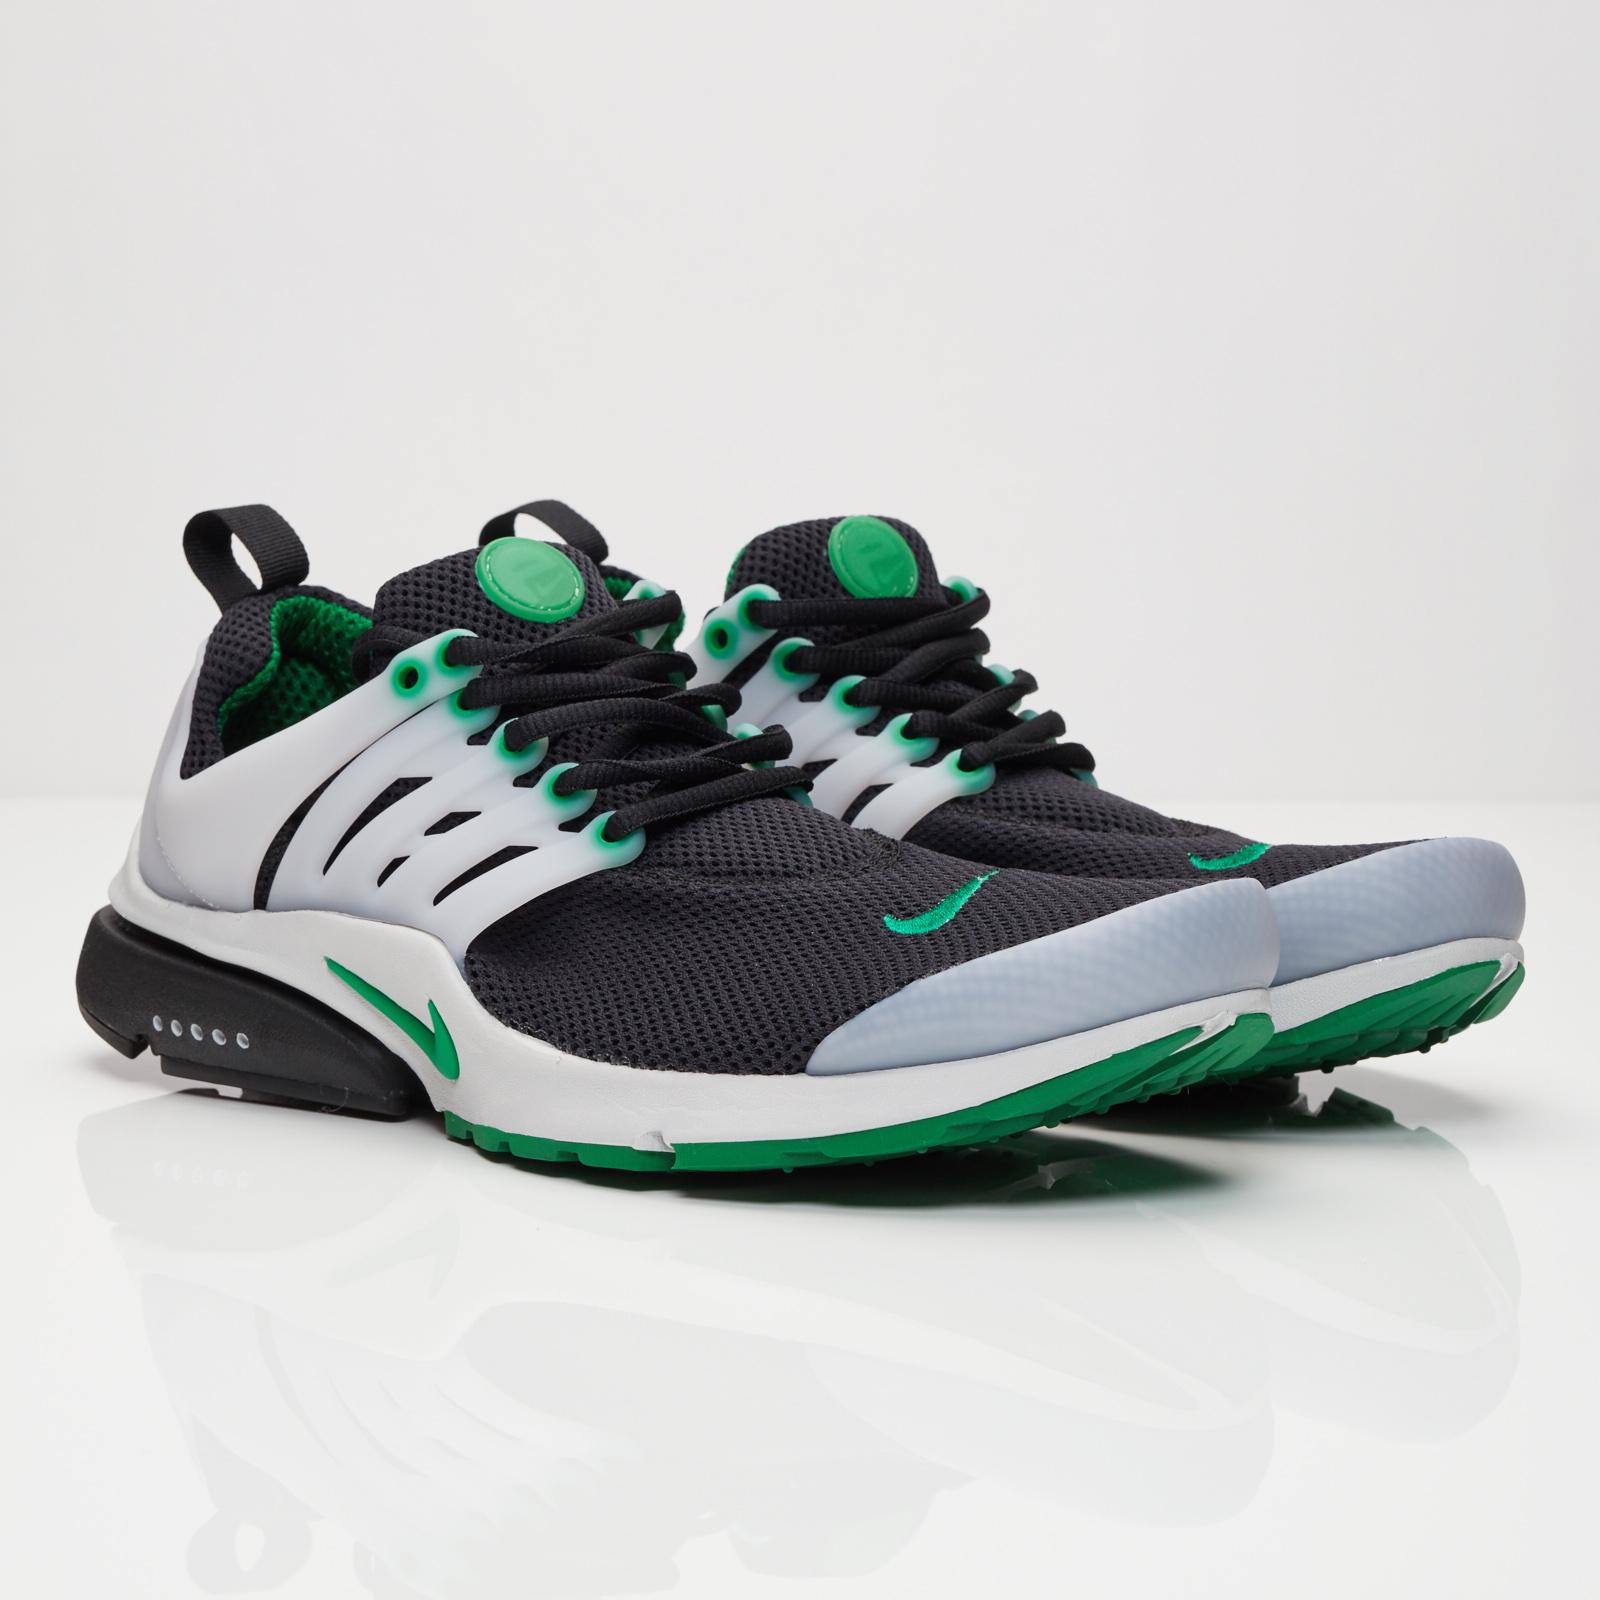 59e68c2e1e Nike Air Presto Essential - 848187-003 - Sneakersnstuff | sneakers ...